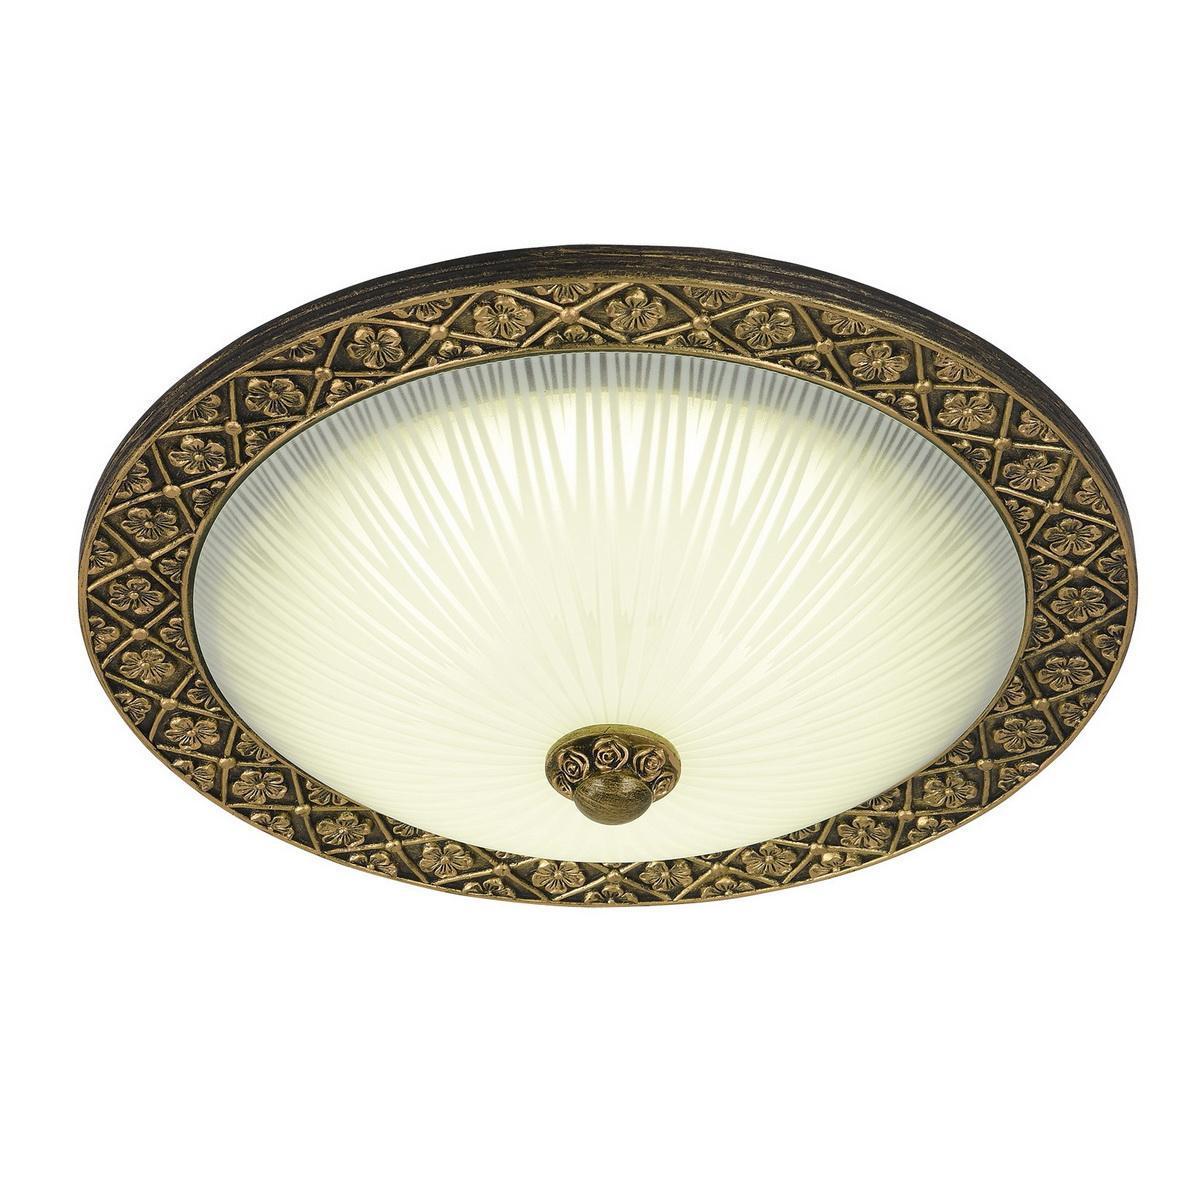 Потолочный светодиодный светильник IDLamp Marziya 264/35PF-LEDOldbronze накладной светильник idlamp marziya 264 30pf ledoldbronze